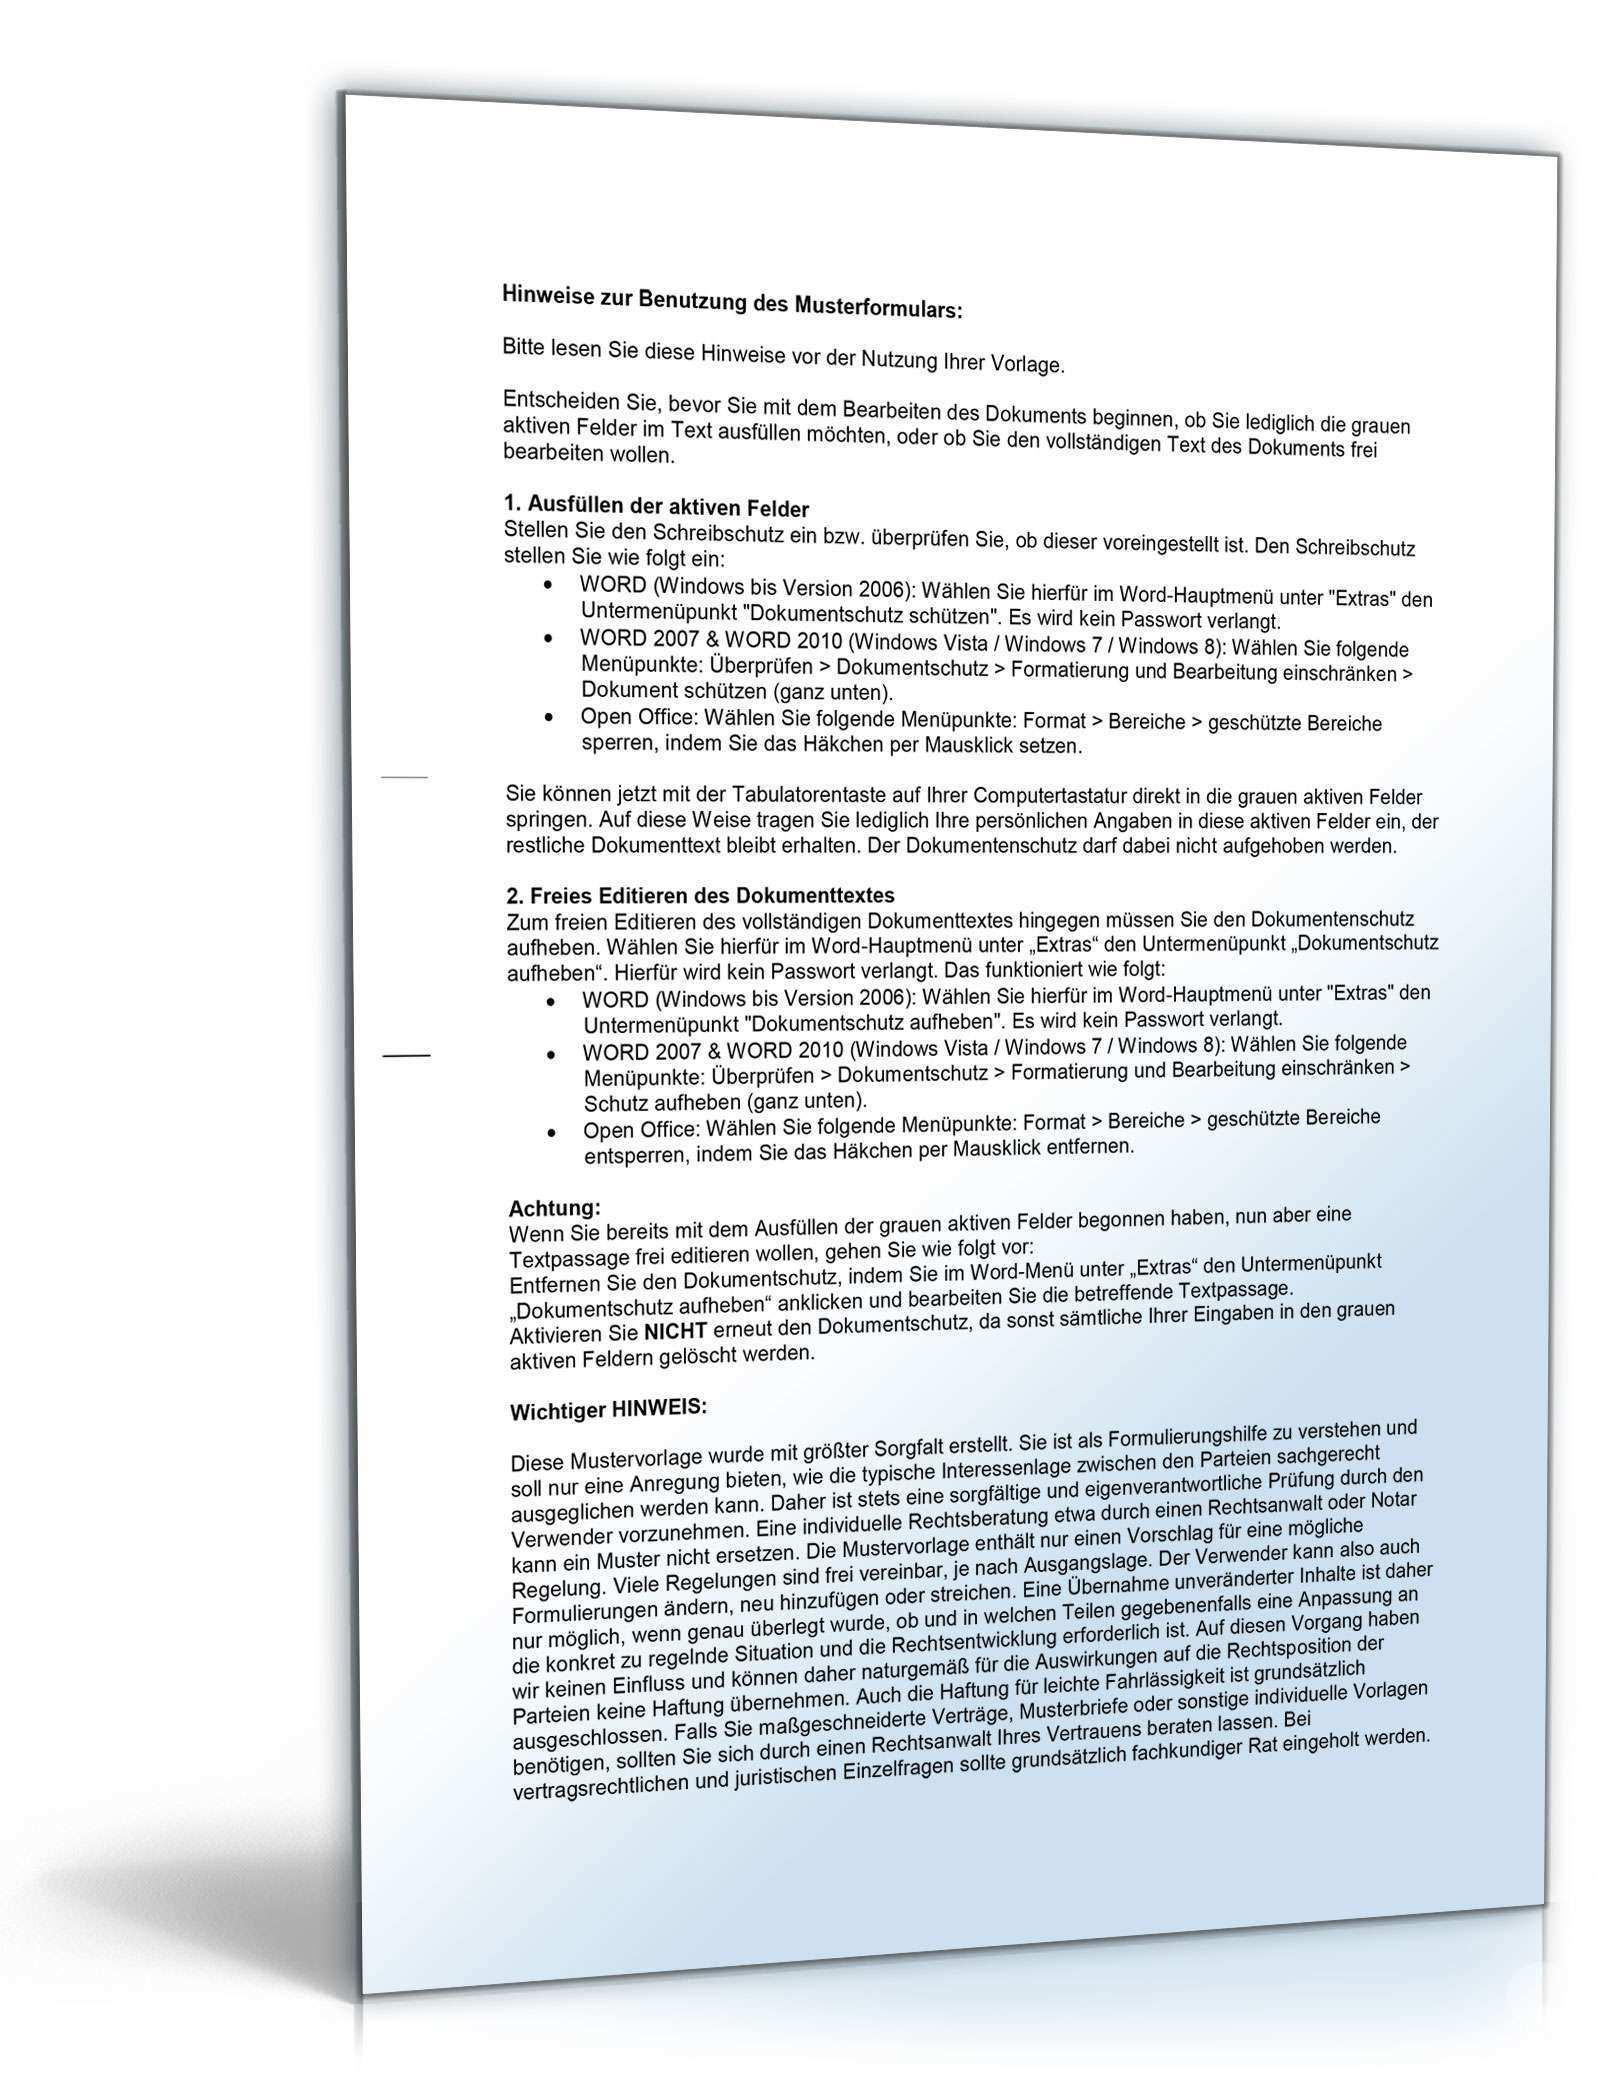 Arbeitszeugnis Produktionshelfer Muster Zum Download